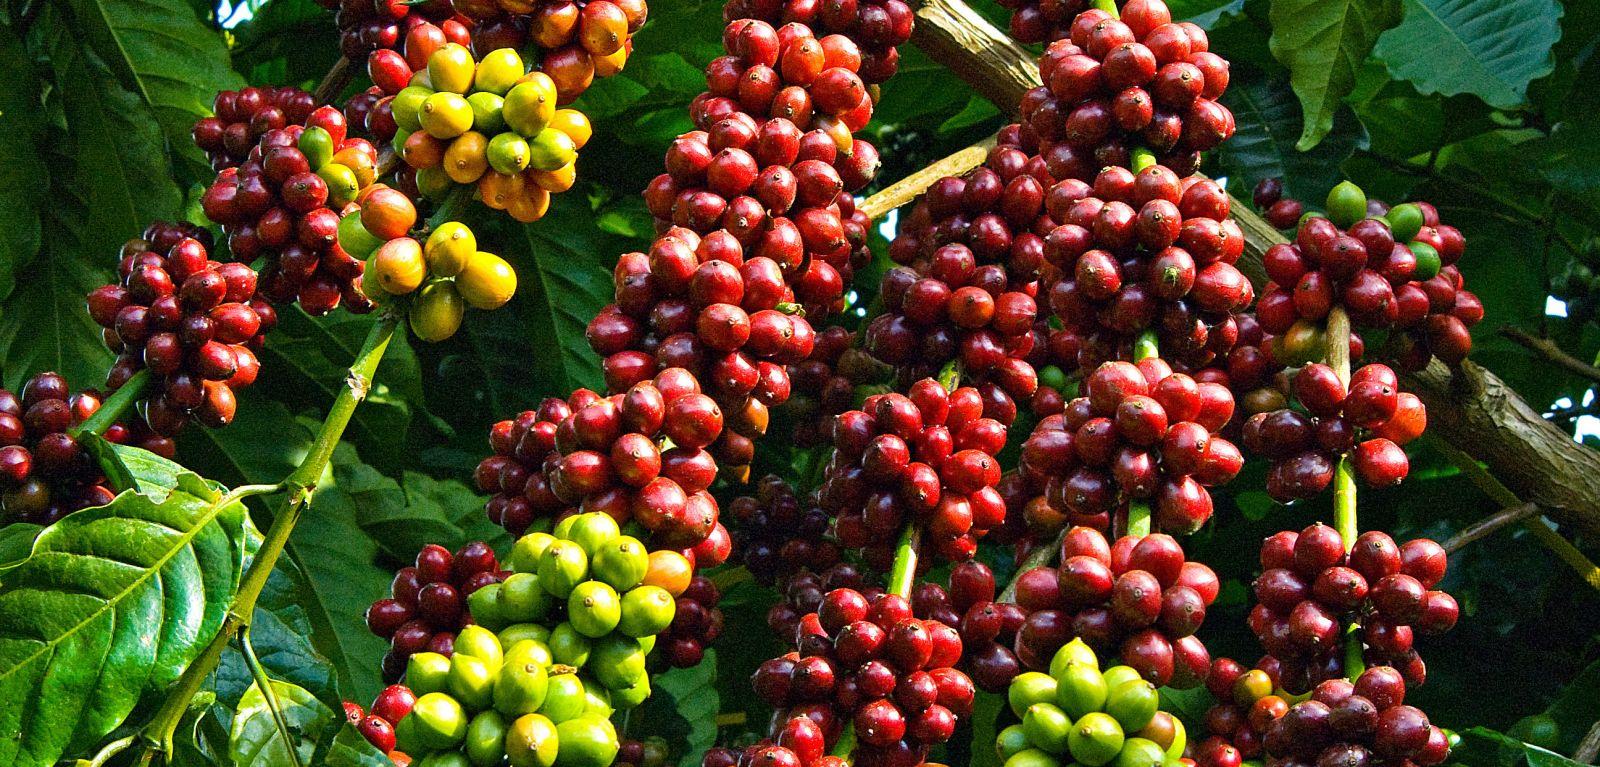 Sản lượng cà phê ảnh hưởng đến giá cà phê nguyên chất từng năm.